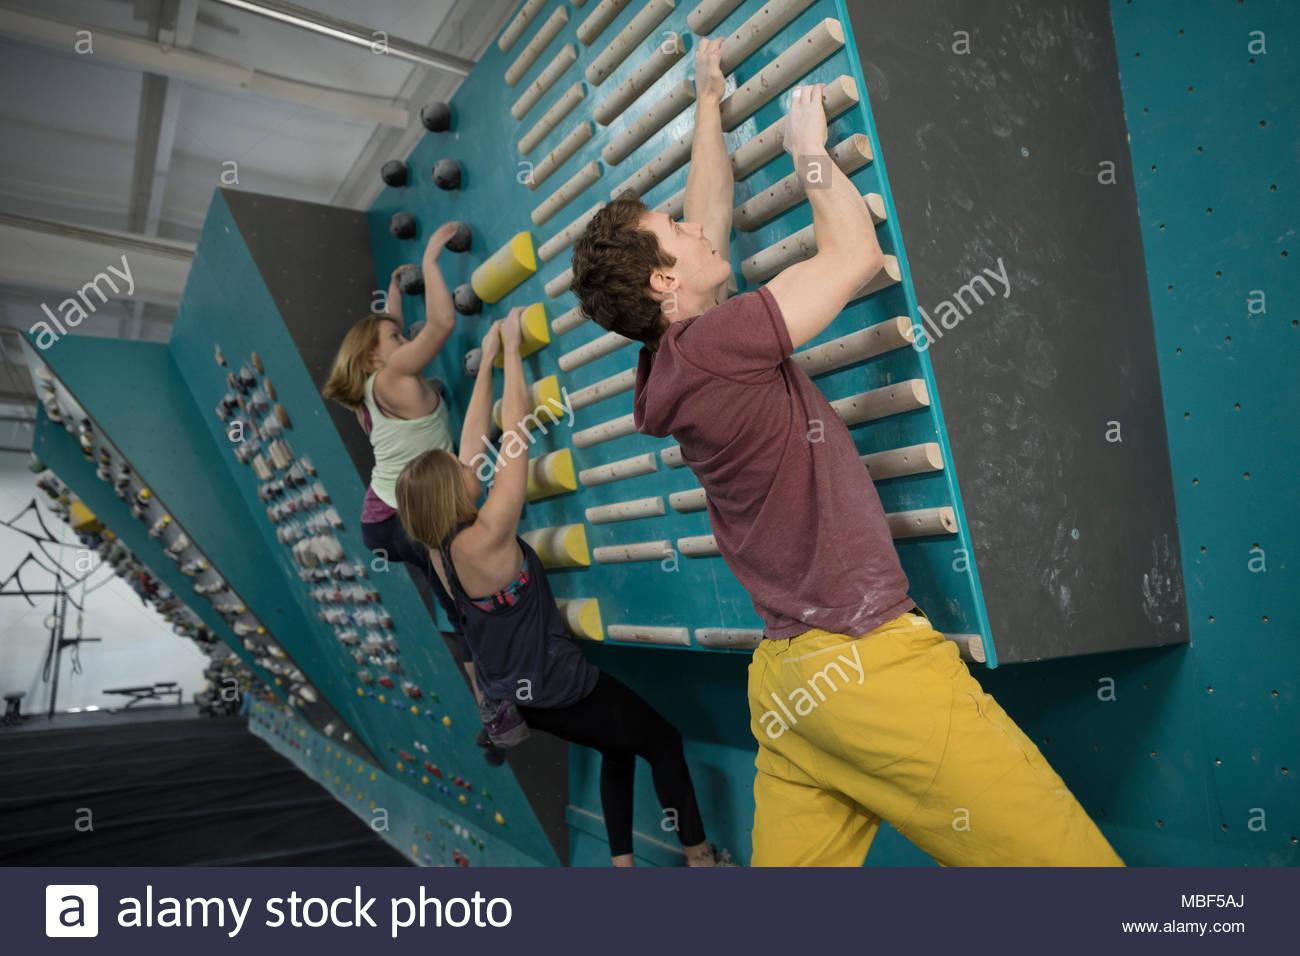 Arrampicatori arrampicata parete di allenamento in palestra di arrampicata Immagini Stock